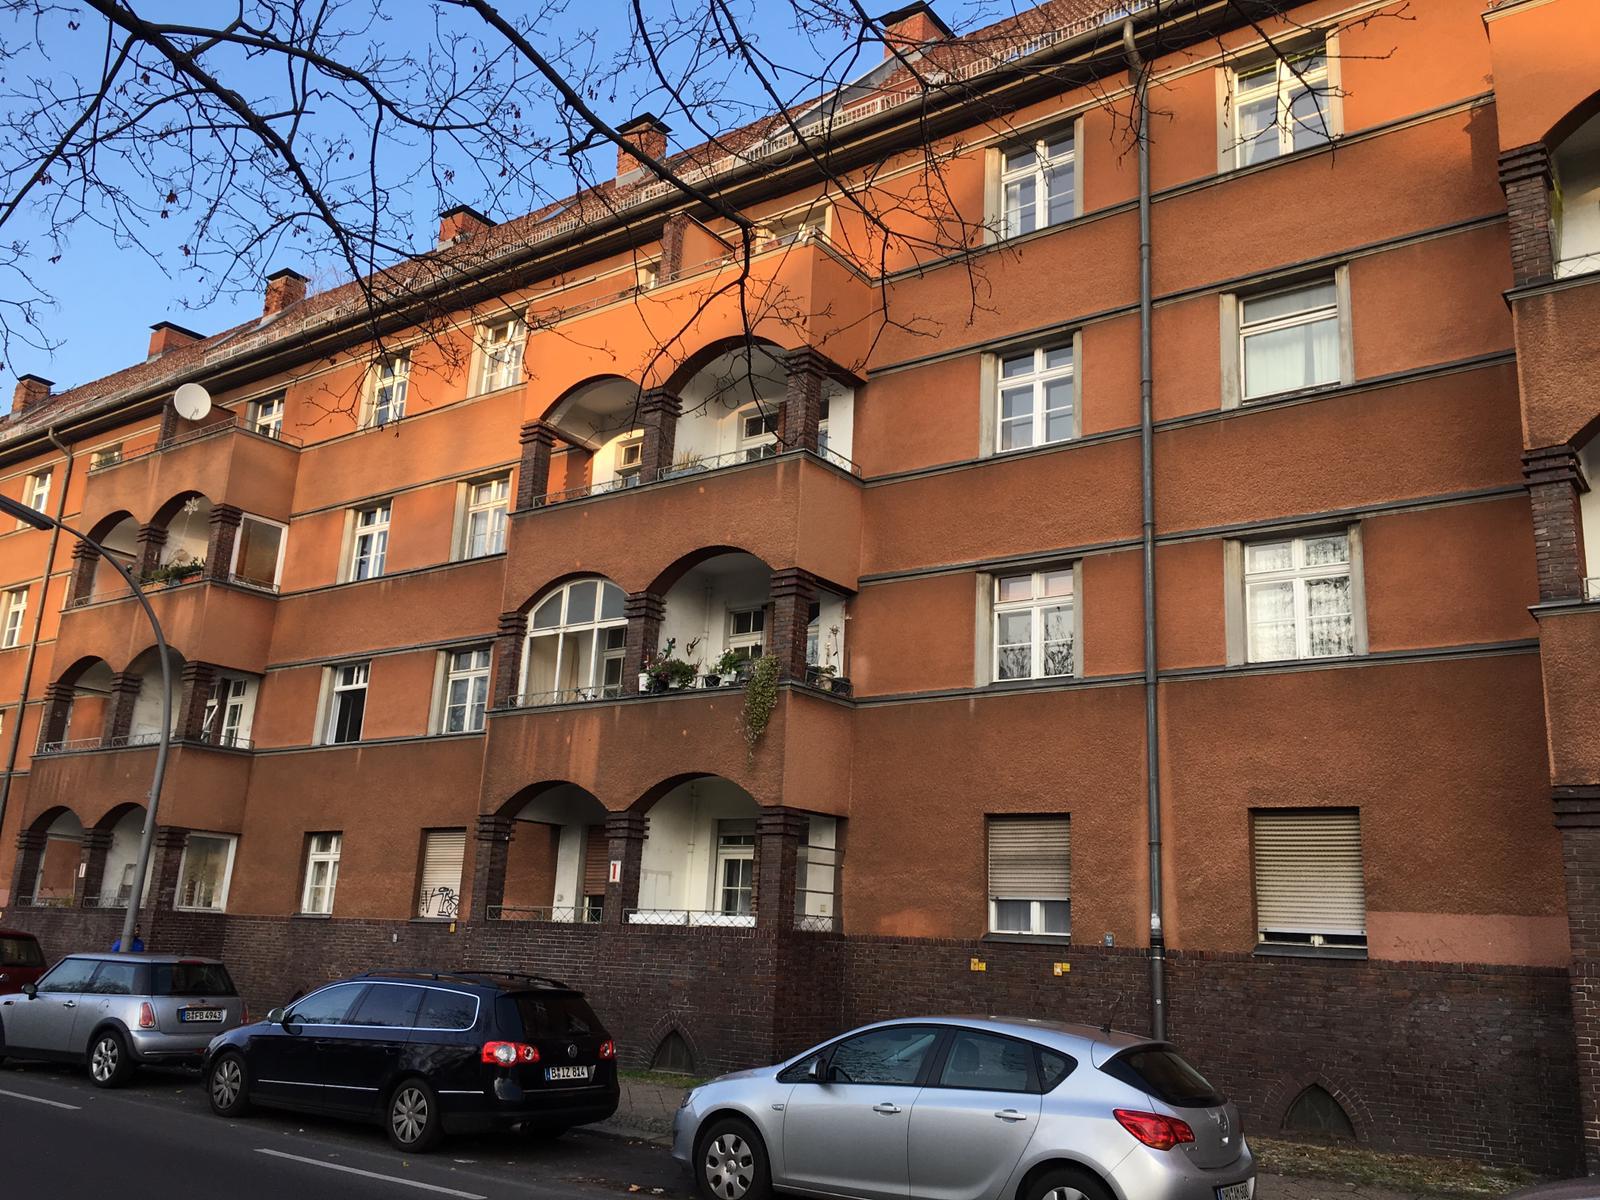 Mieszkanie do kupna Berlin